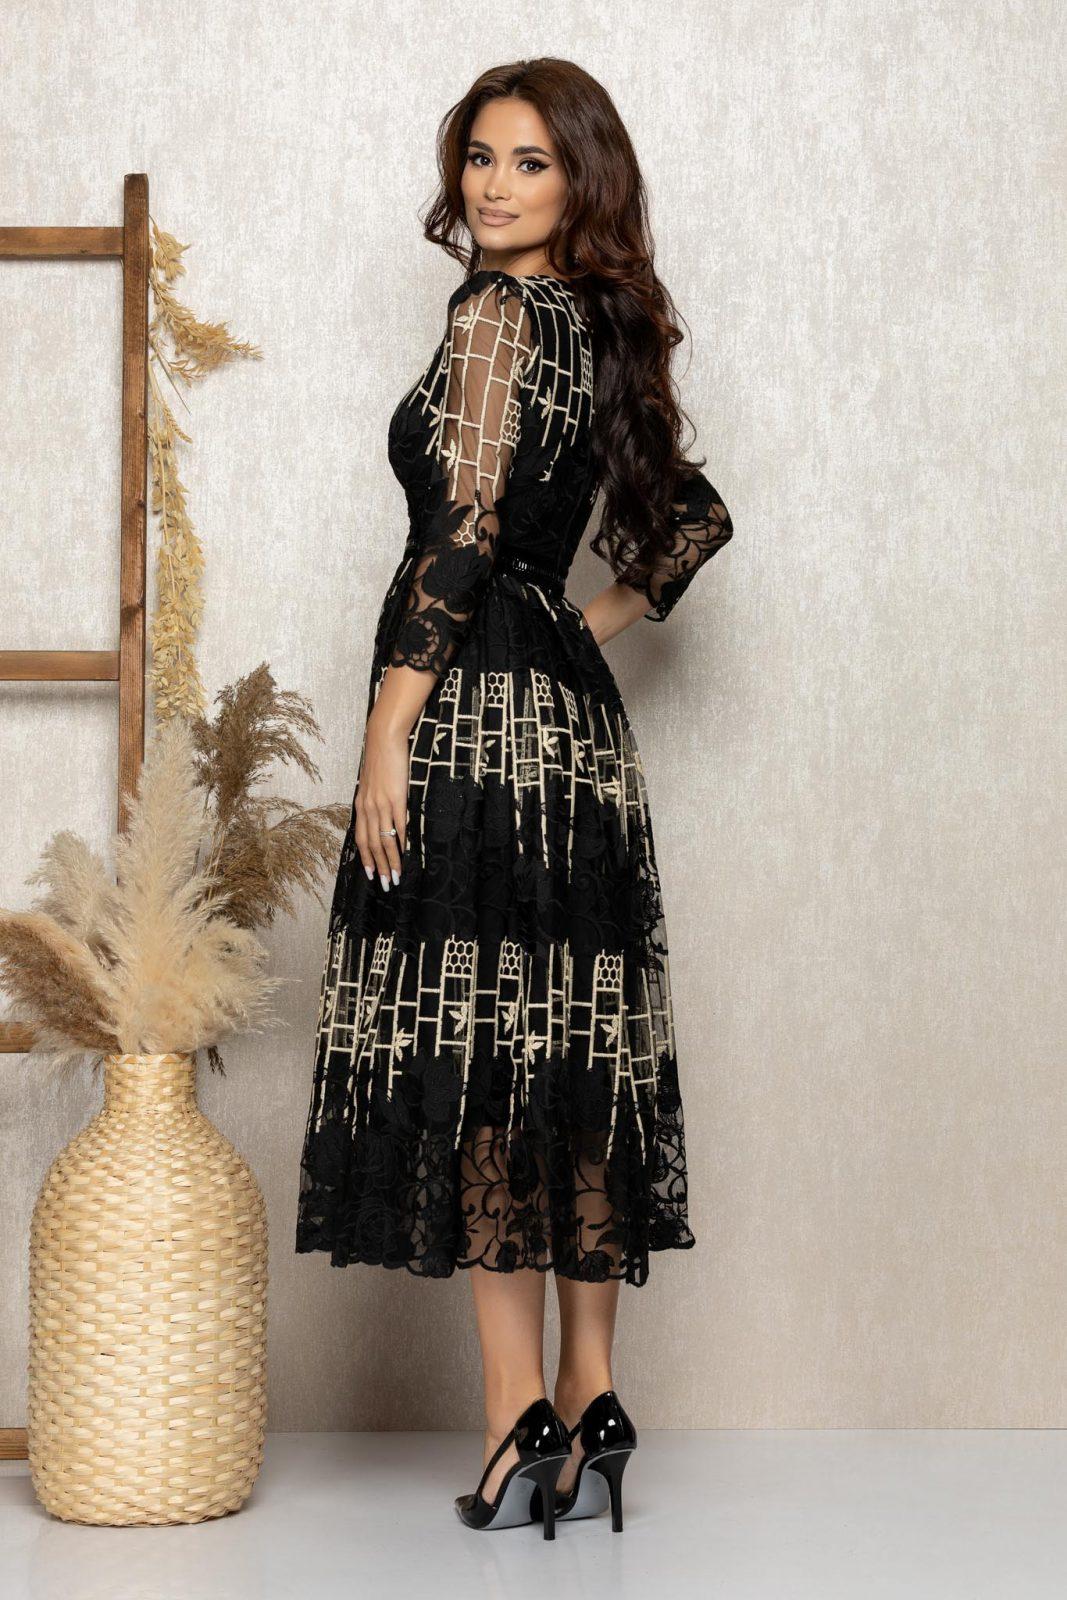 Μαύρο Μίντι Βραδινό Φόρεμα Από Δαντέλα Flaminia T275 2